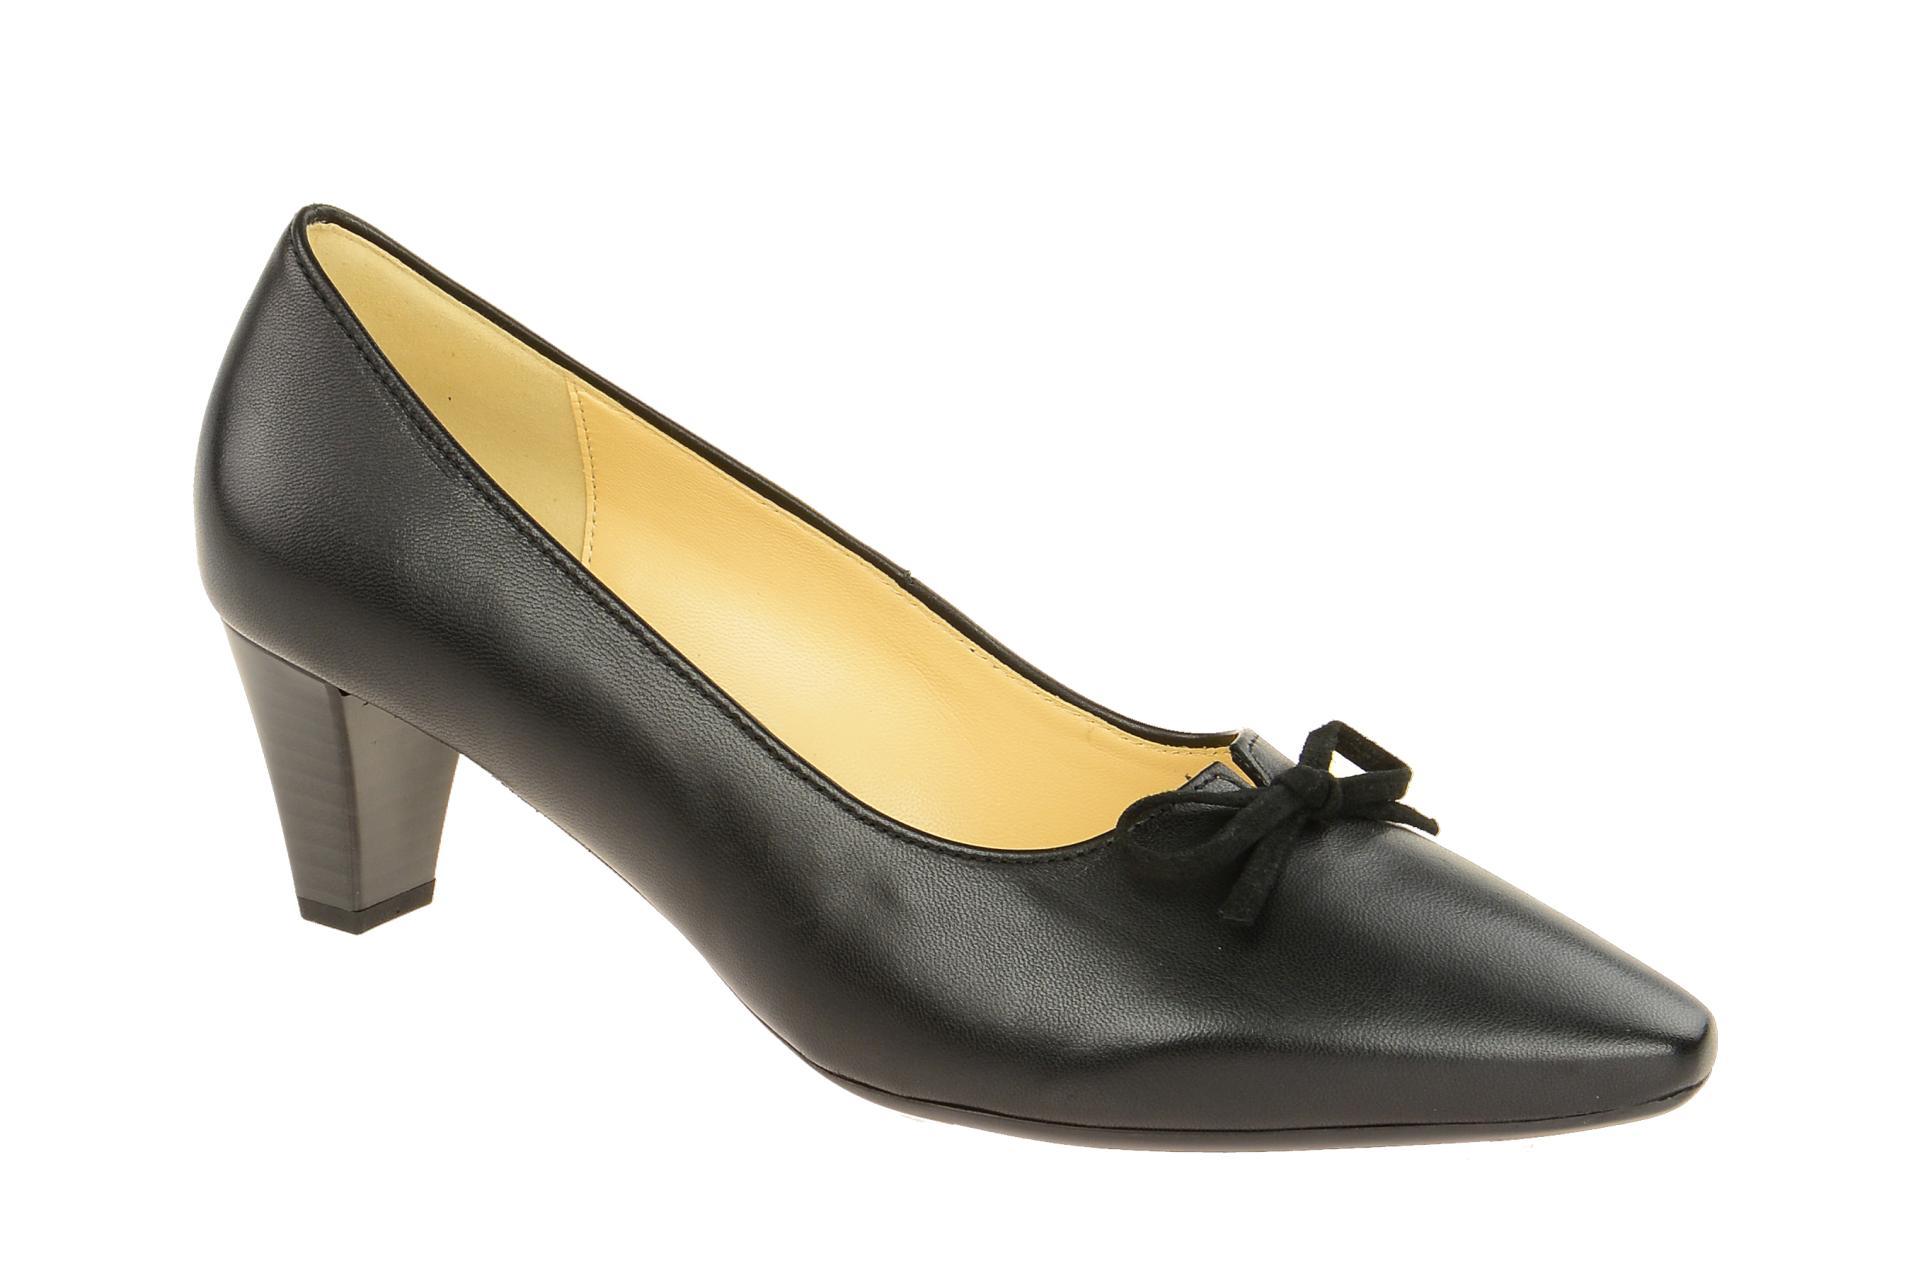 75cfab026ee813 Gabor Schuhe 95.147 schwarz Damenschuhe Pumps 95.147.37 NEU